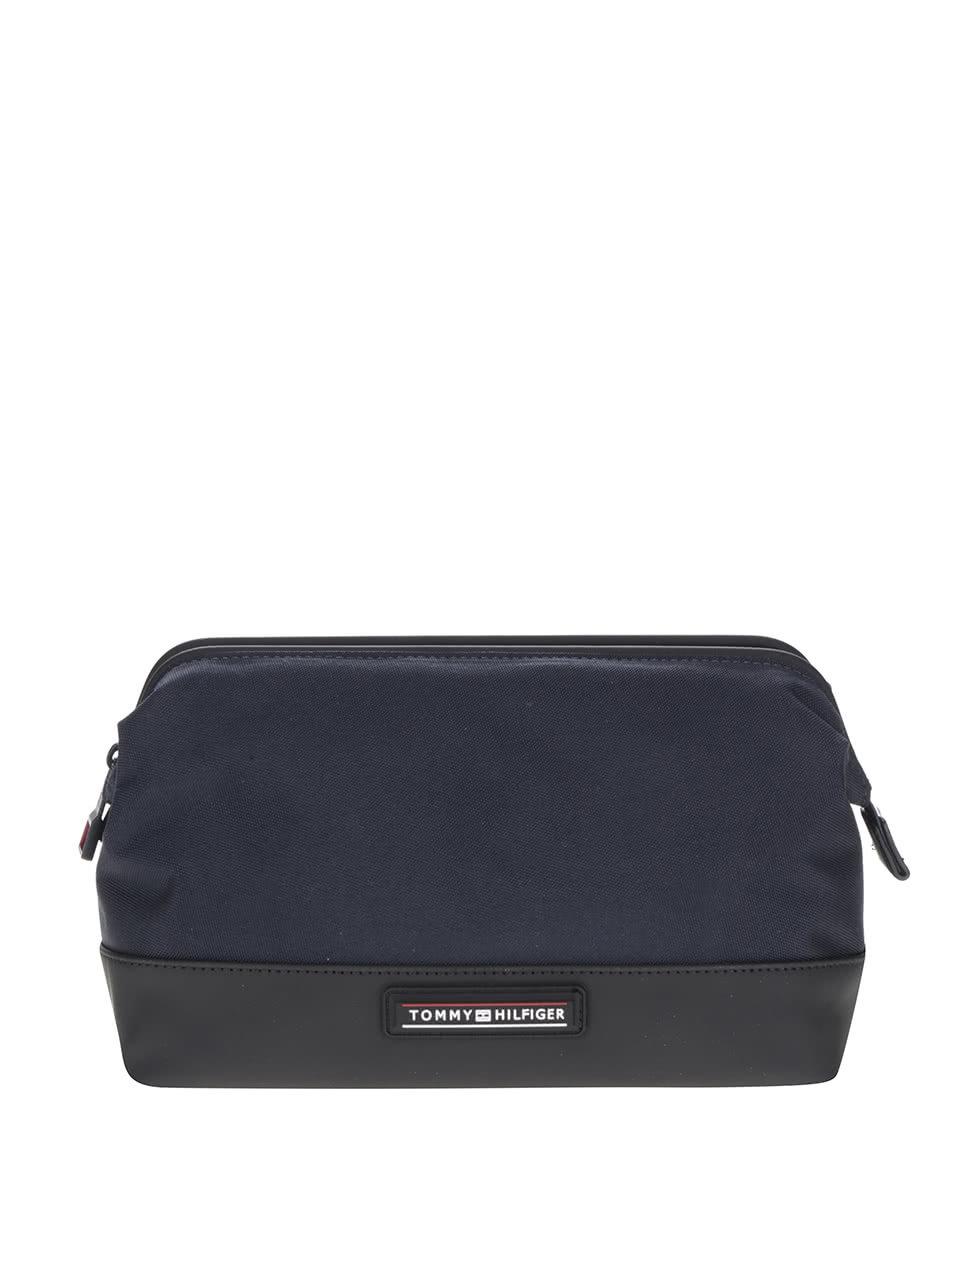 Modro-čierna pánska kozmetická taška Tommy Hilfiger ... b3ae19a03fc